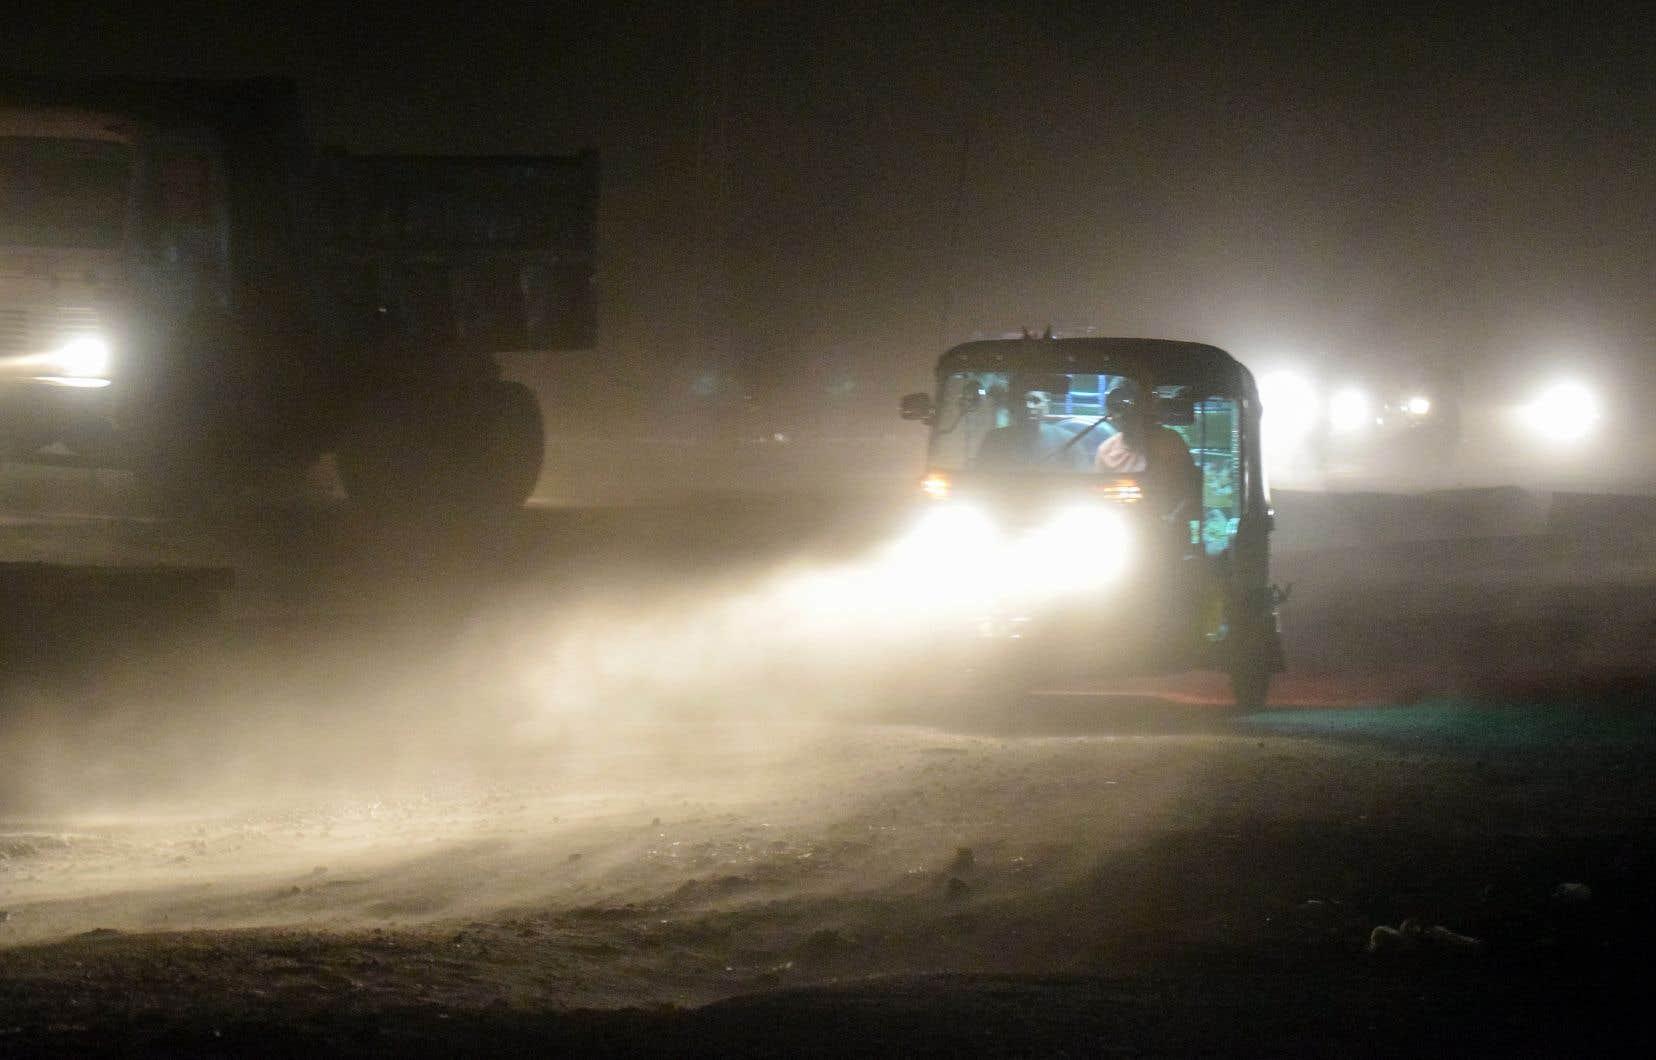 Au moins 111 personnes ont péri en raison de vents soufflant jusqu'à 130 km/h dans le nord au cours de la nuit de mercredi à jeudi.